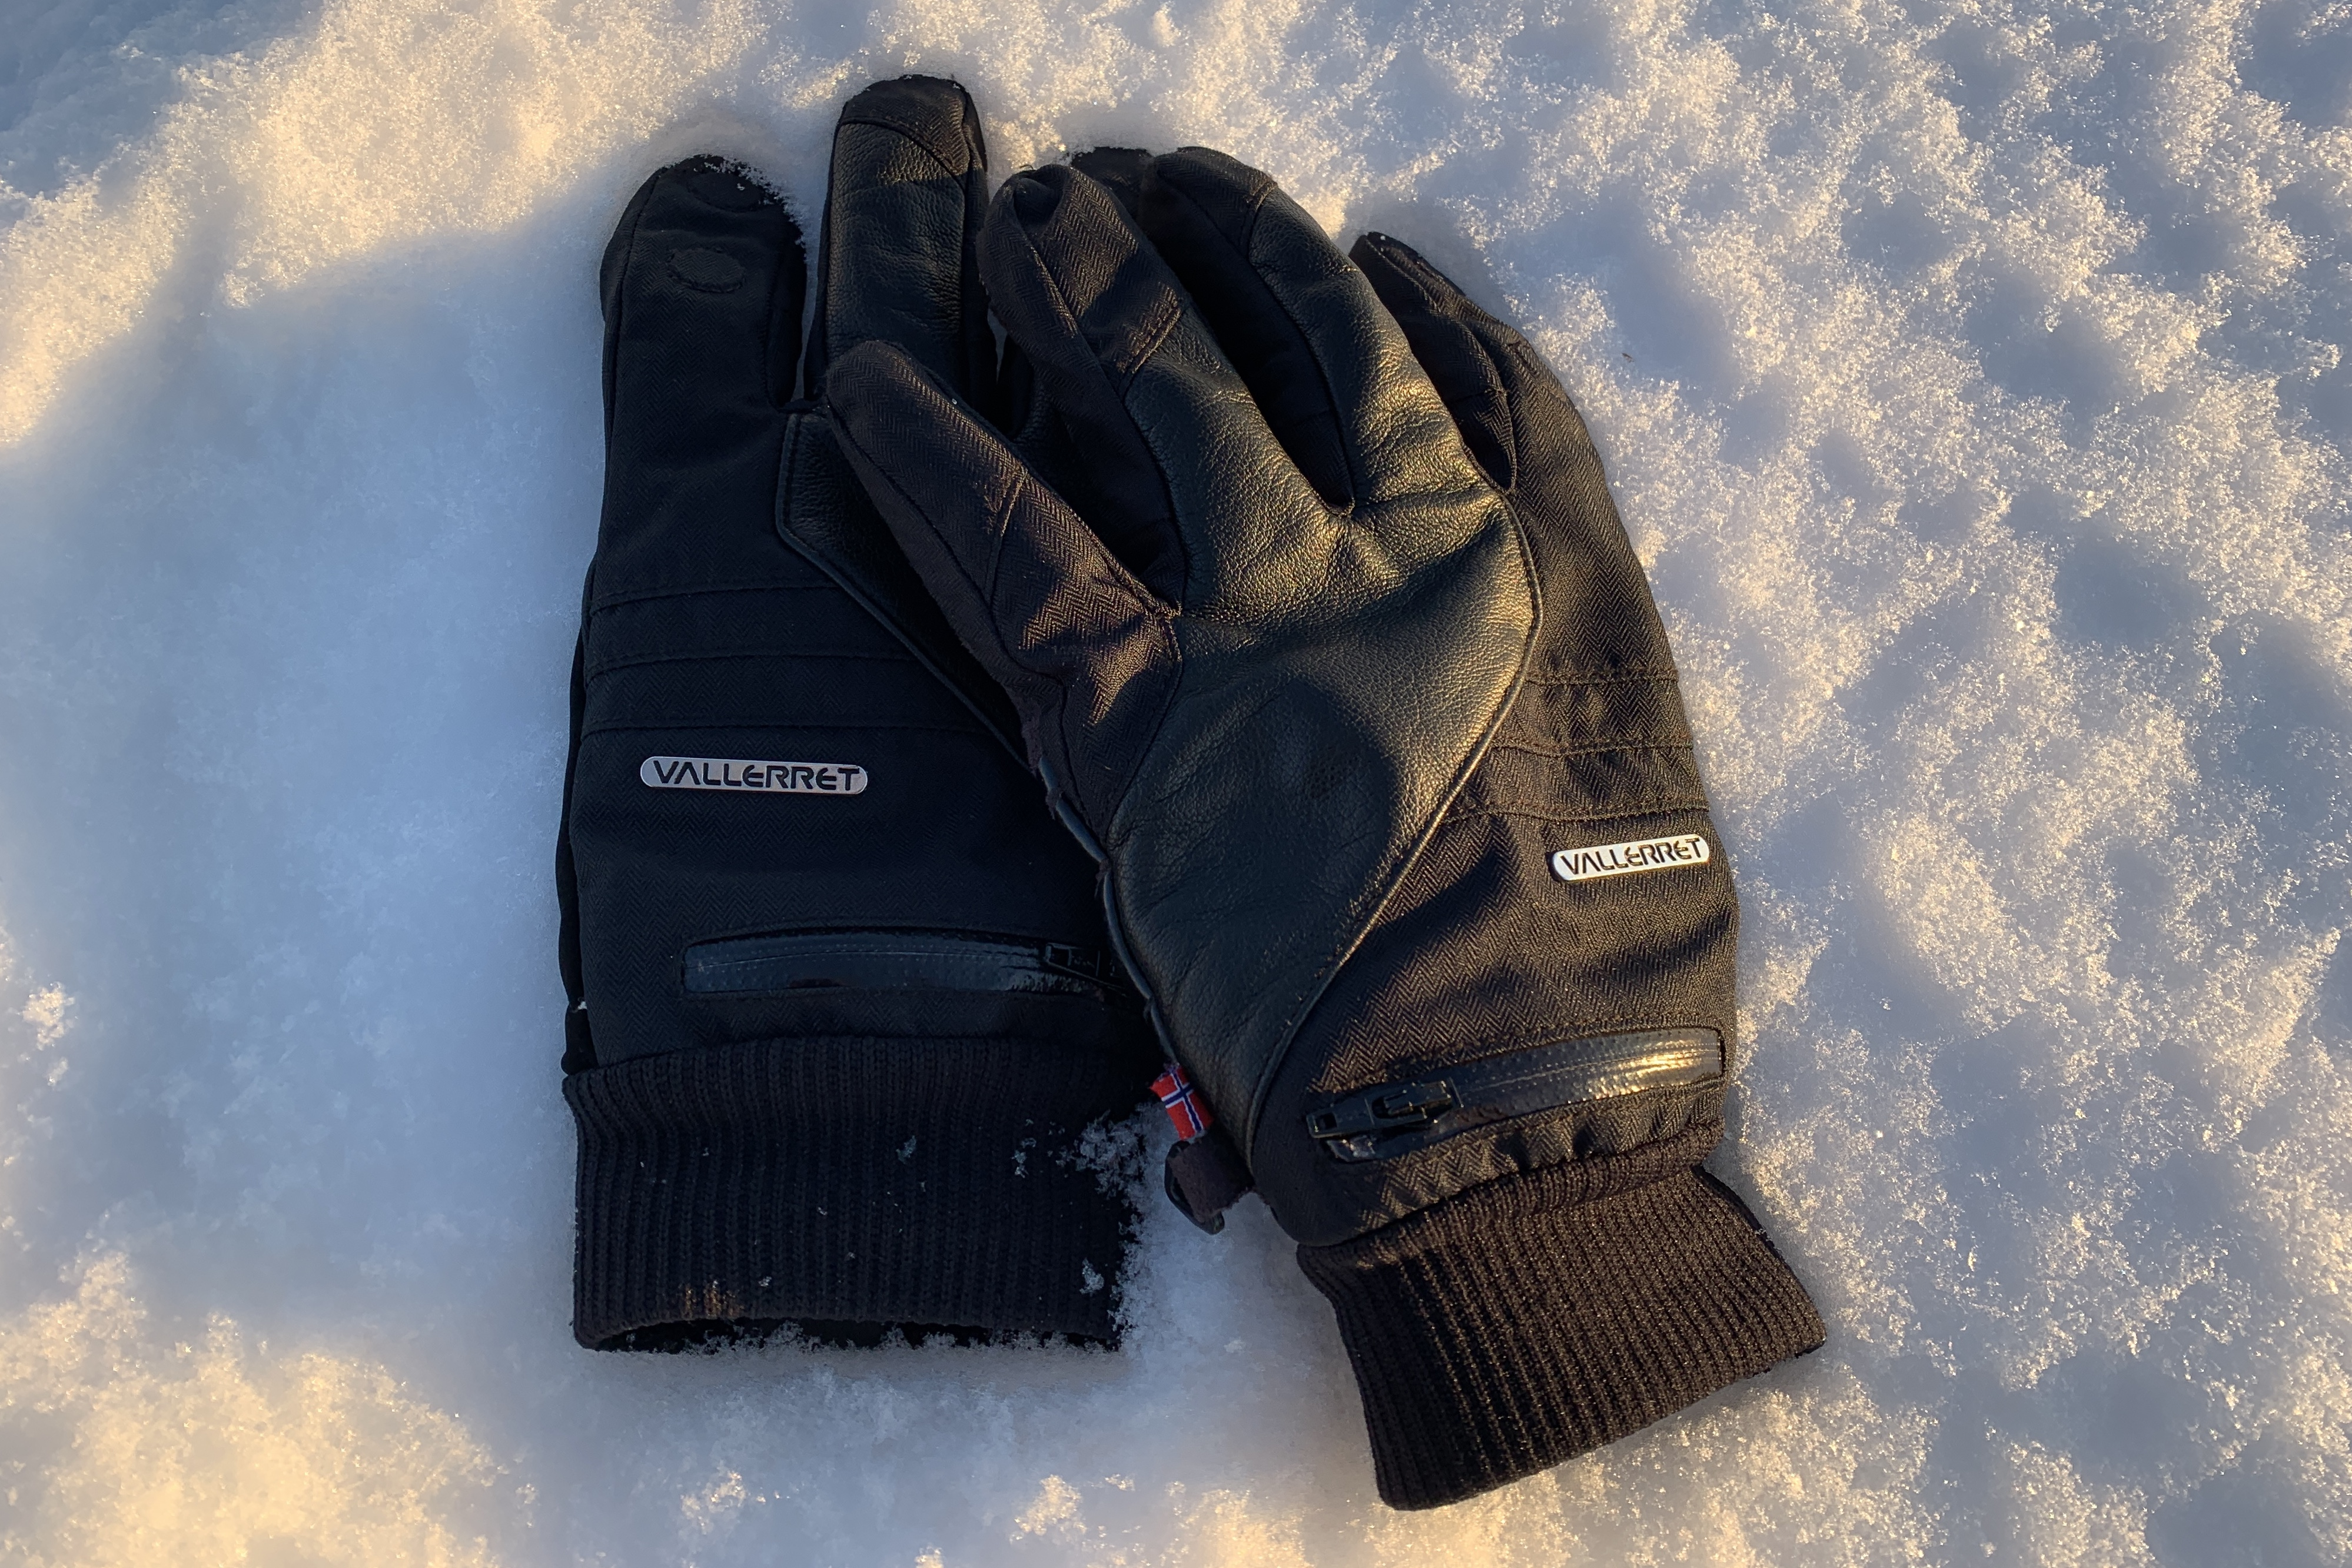 vallerret photography gloves, photoraphy gloves,